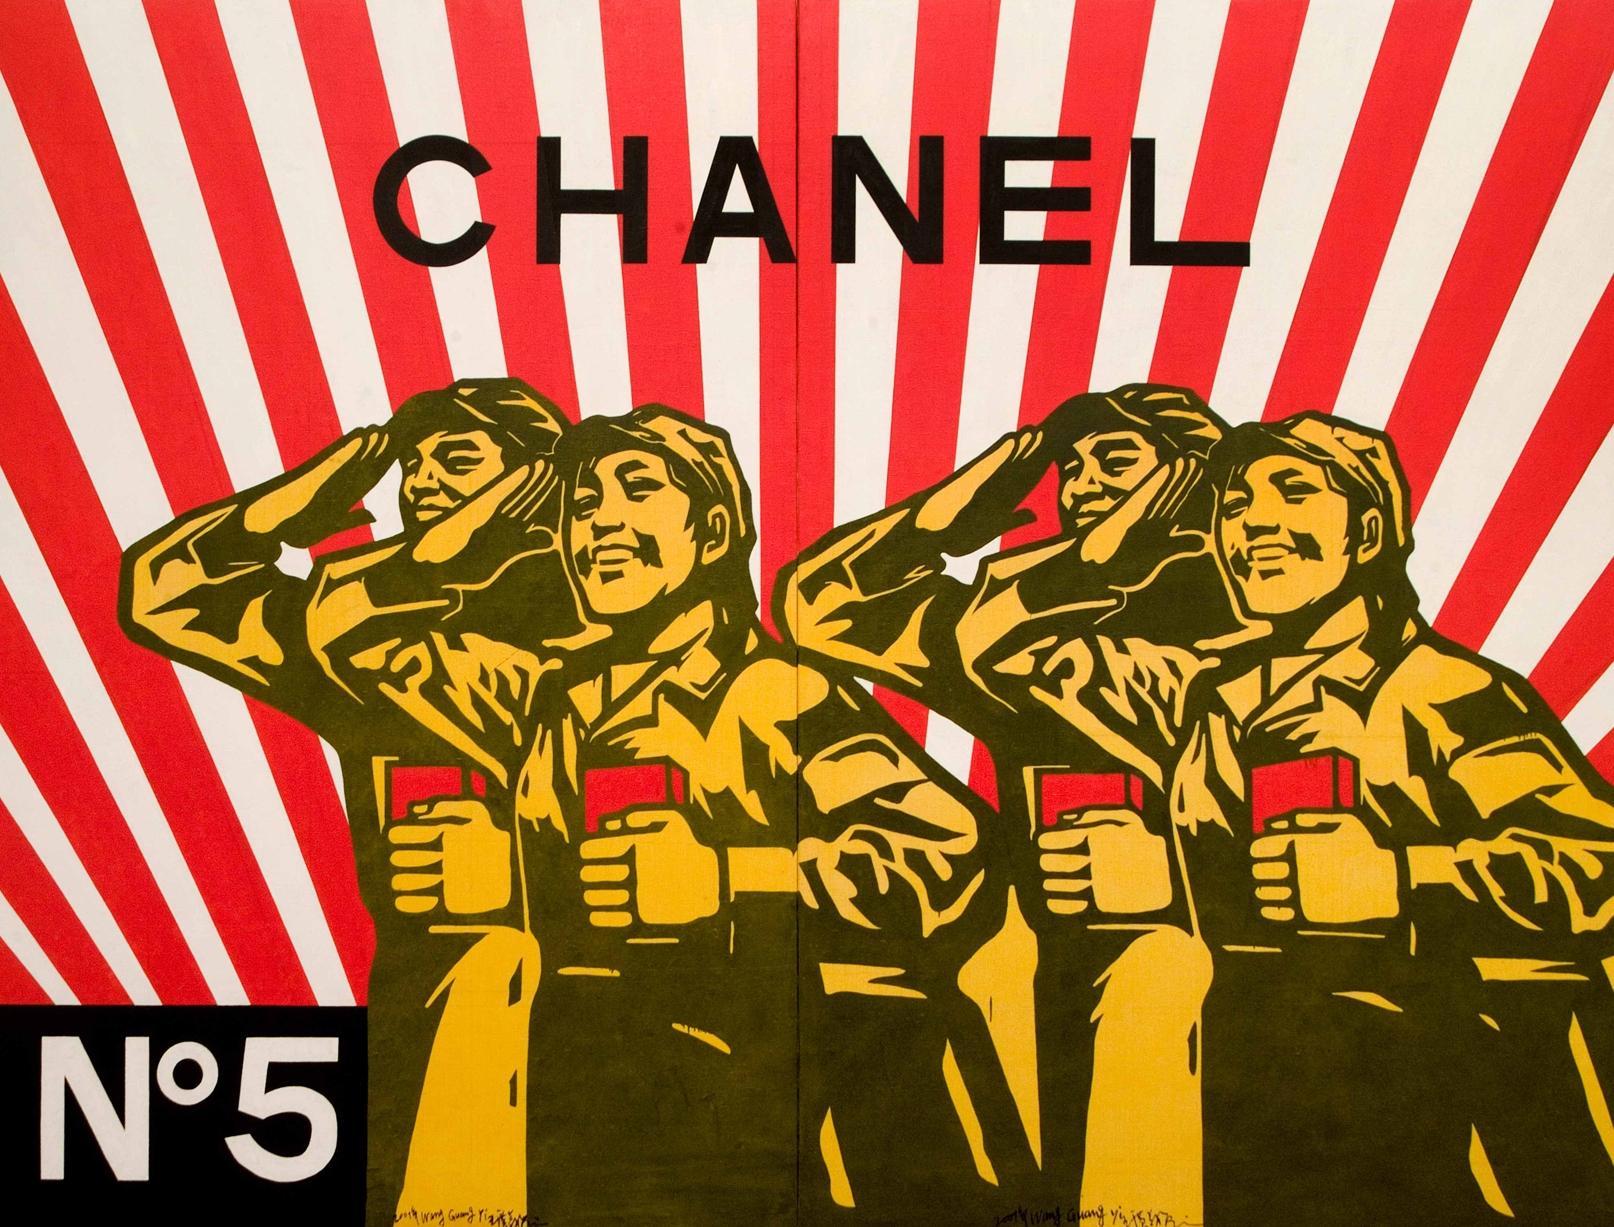 22_Wang-Guangyi-Chanel-No-5 Kopie.jpg